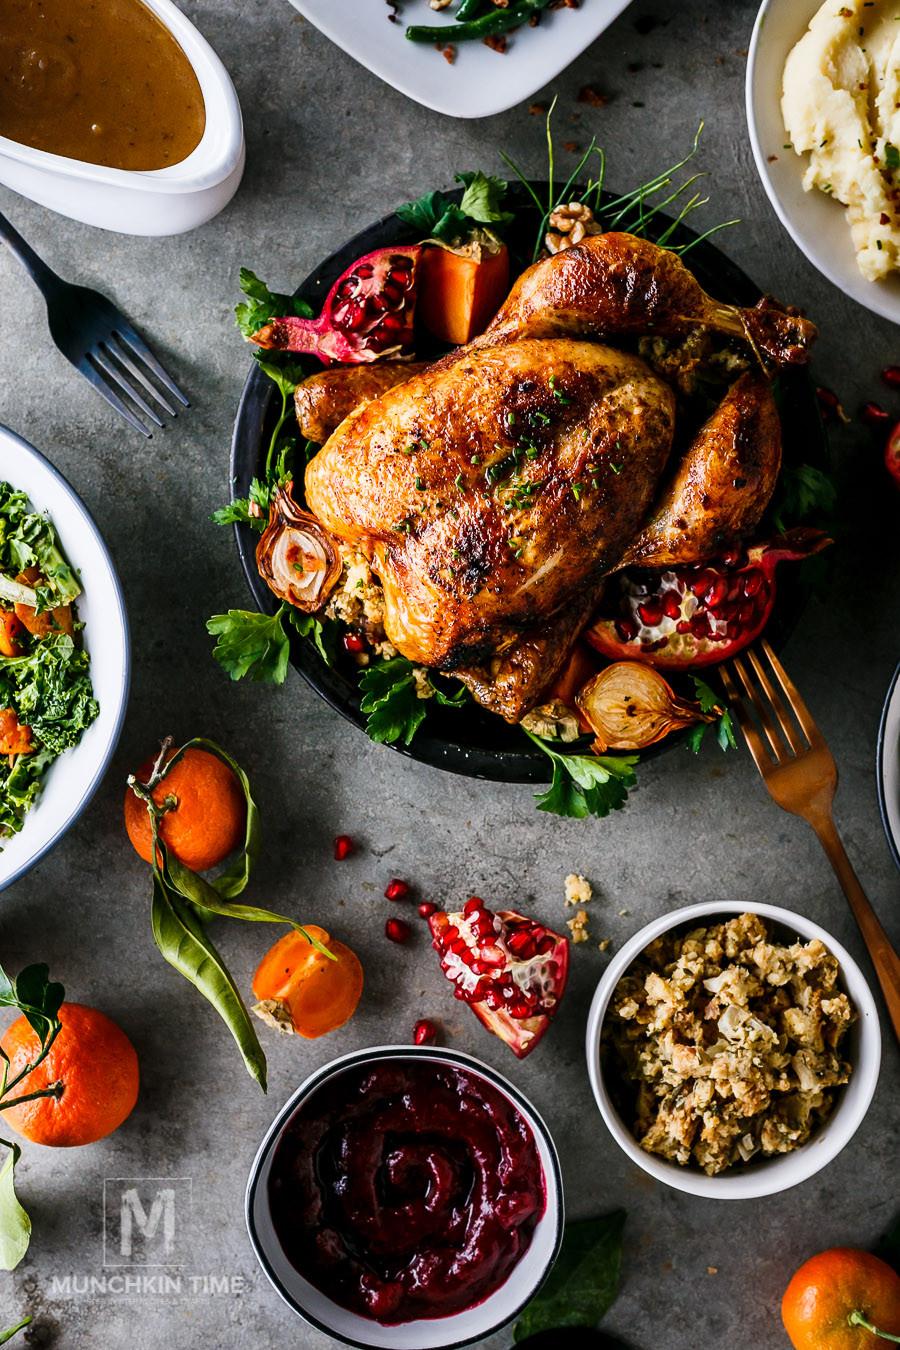 Ideas For Thanksgiving Dinner  7 Thanksgiving Dinner Ideas 2017 Munchkin Time